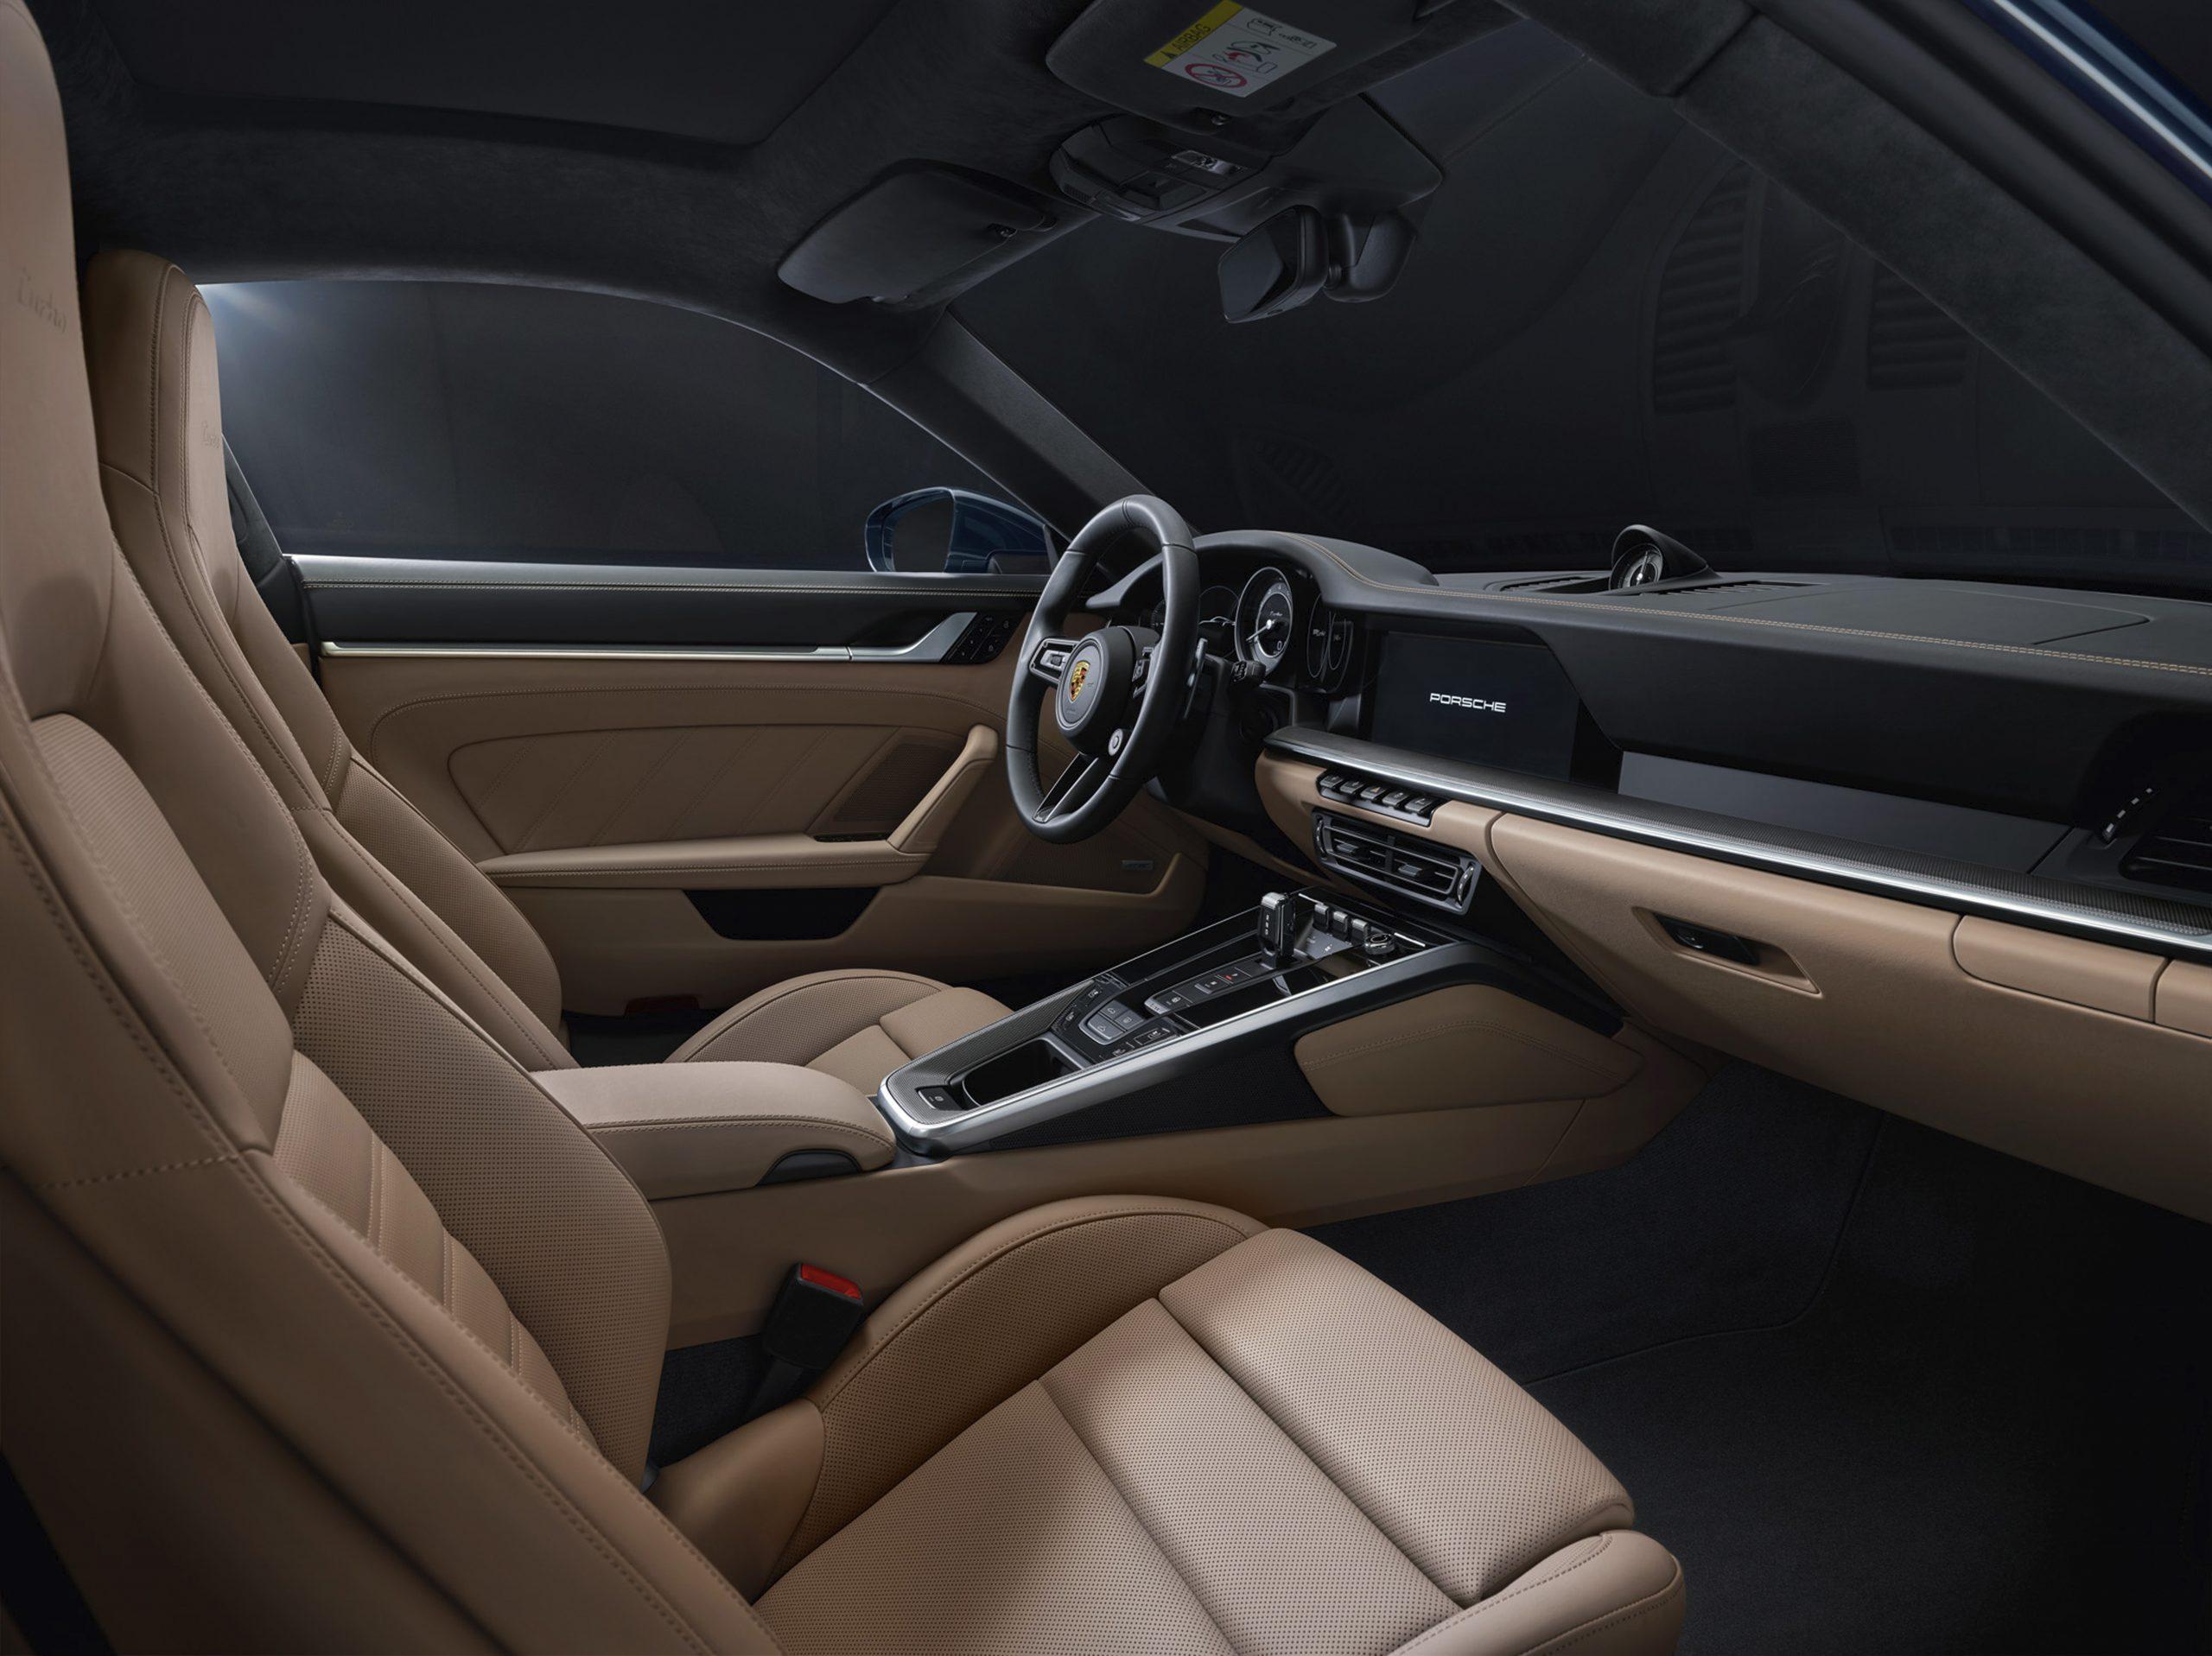 2021 Porsche 911 Turbo interior front angle